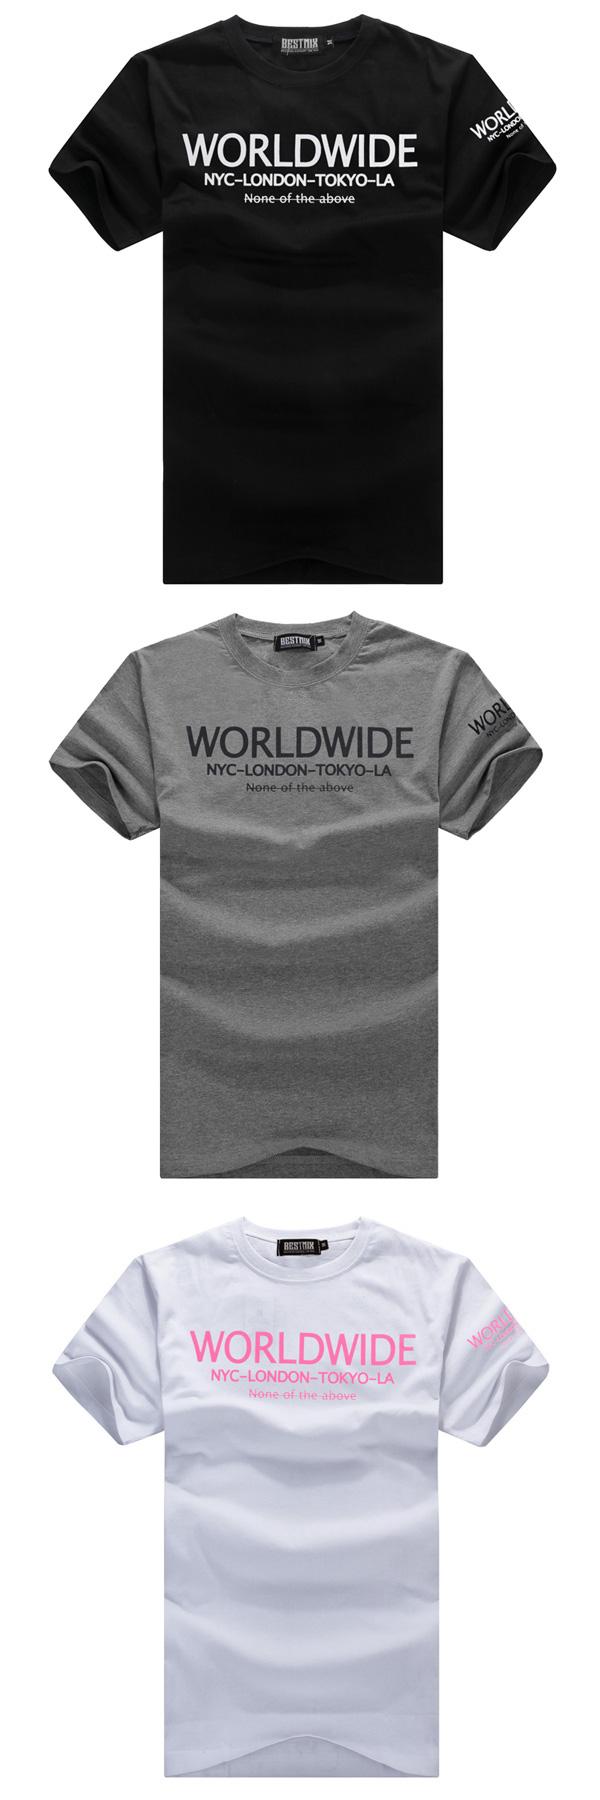 T恤.潮T.Tshirt 情侶裝.MIT純棉.情侶T恤.短T.WORLDWIDE簡單字【T5463】艾咪E舖.班服